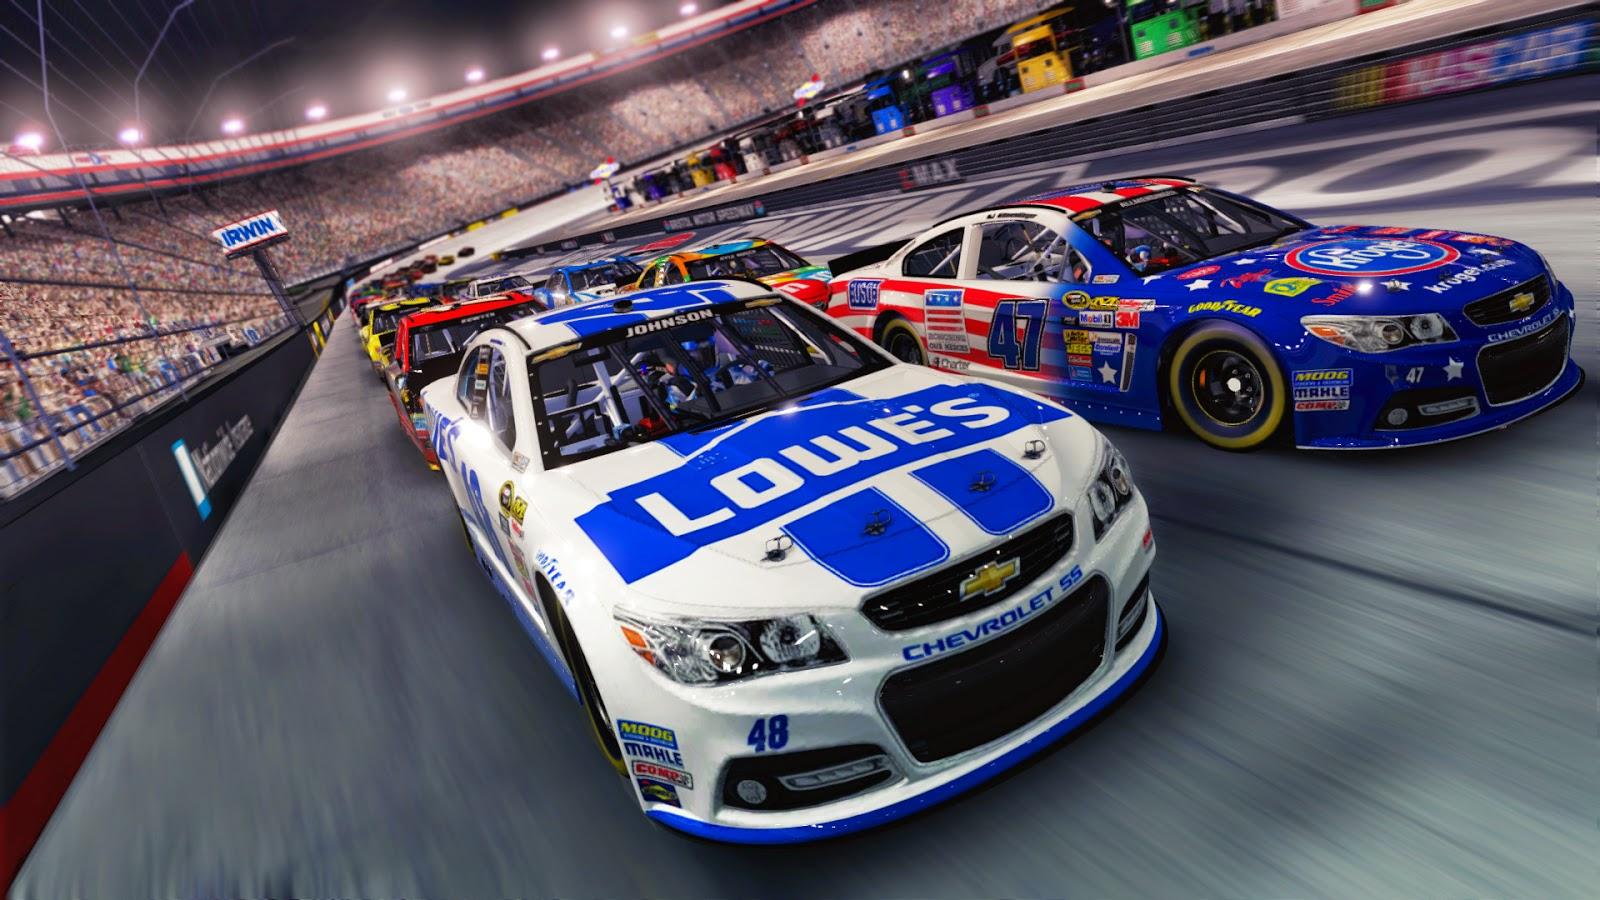 Game Racing Nascar 14